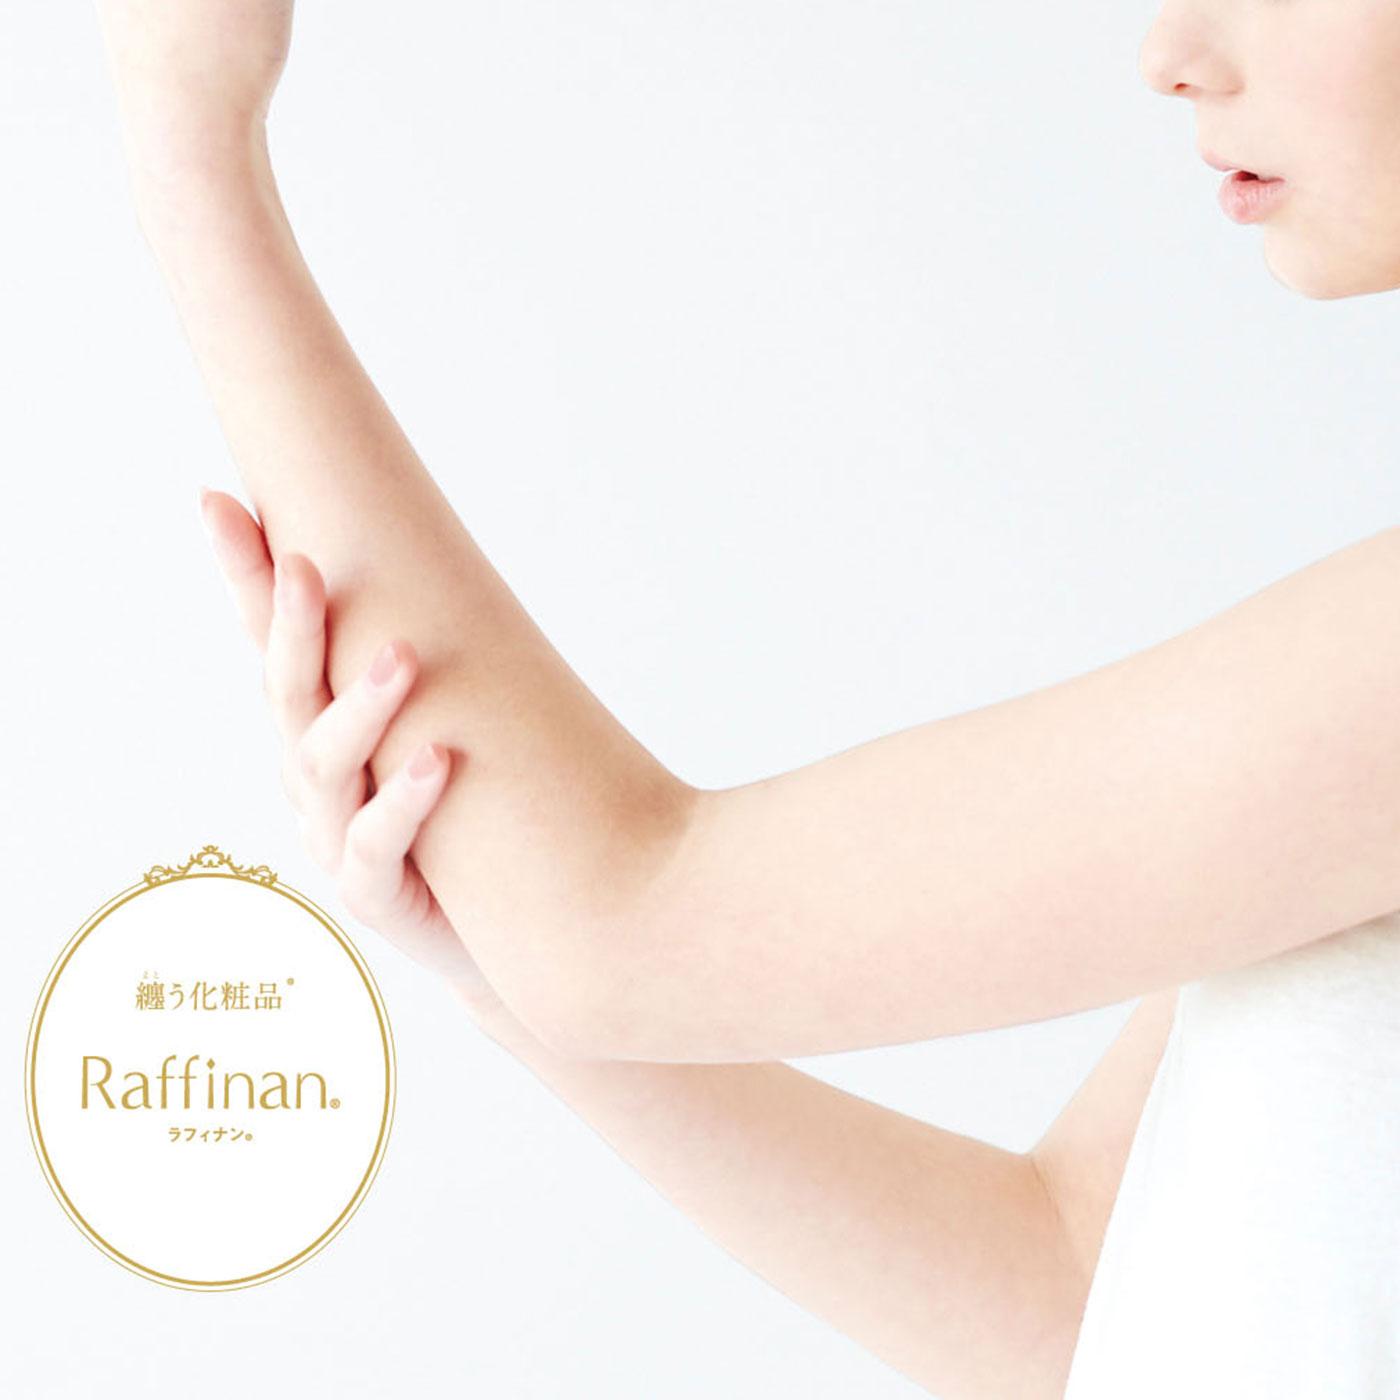 「ラフィナン(R)」が肌を整え、乾燥から肌を守ってうるおいをキープ。身に着けることでお手軽に使っていただけます。